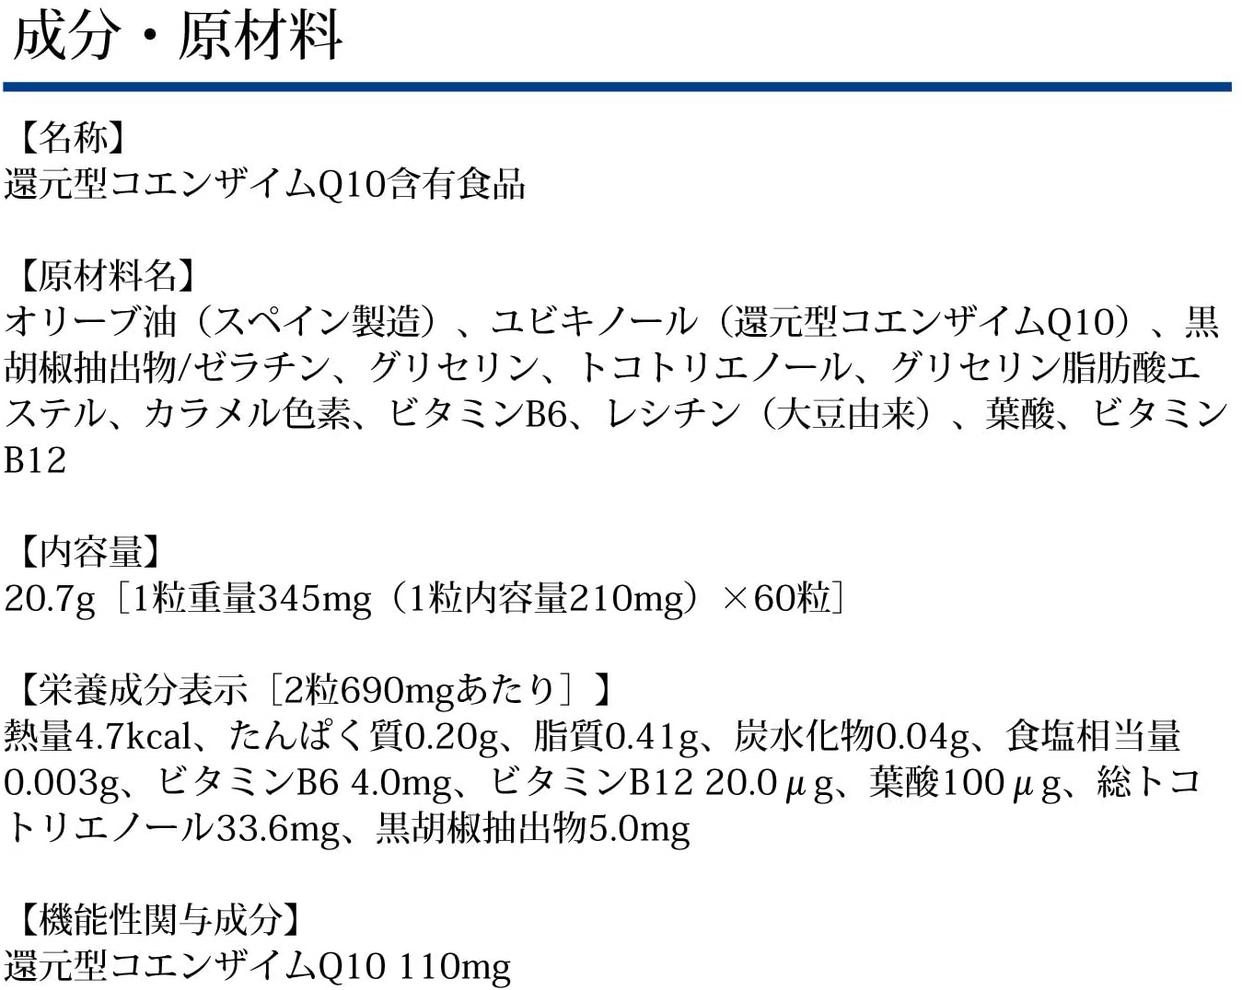 DHC(ディーエイチシー) コエンザイムQ10 ダイレクトの商品画像3